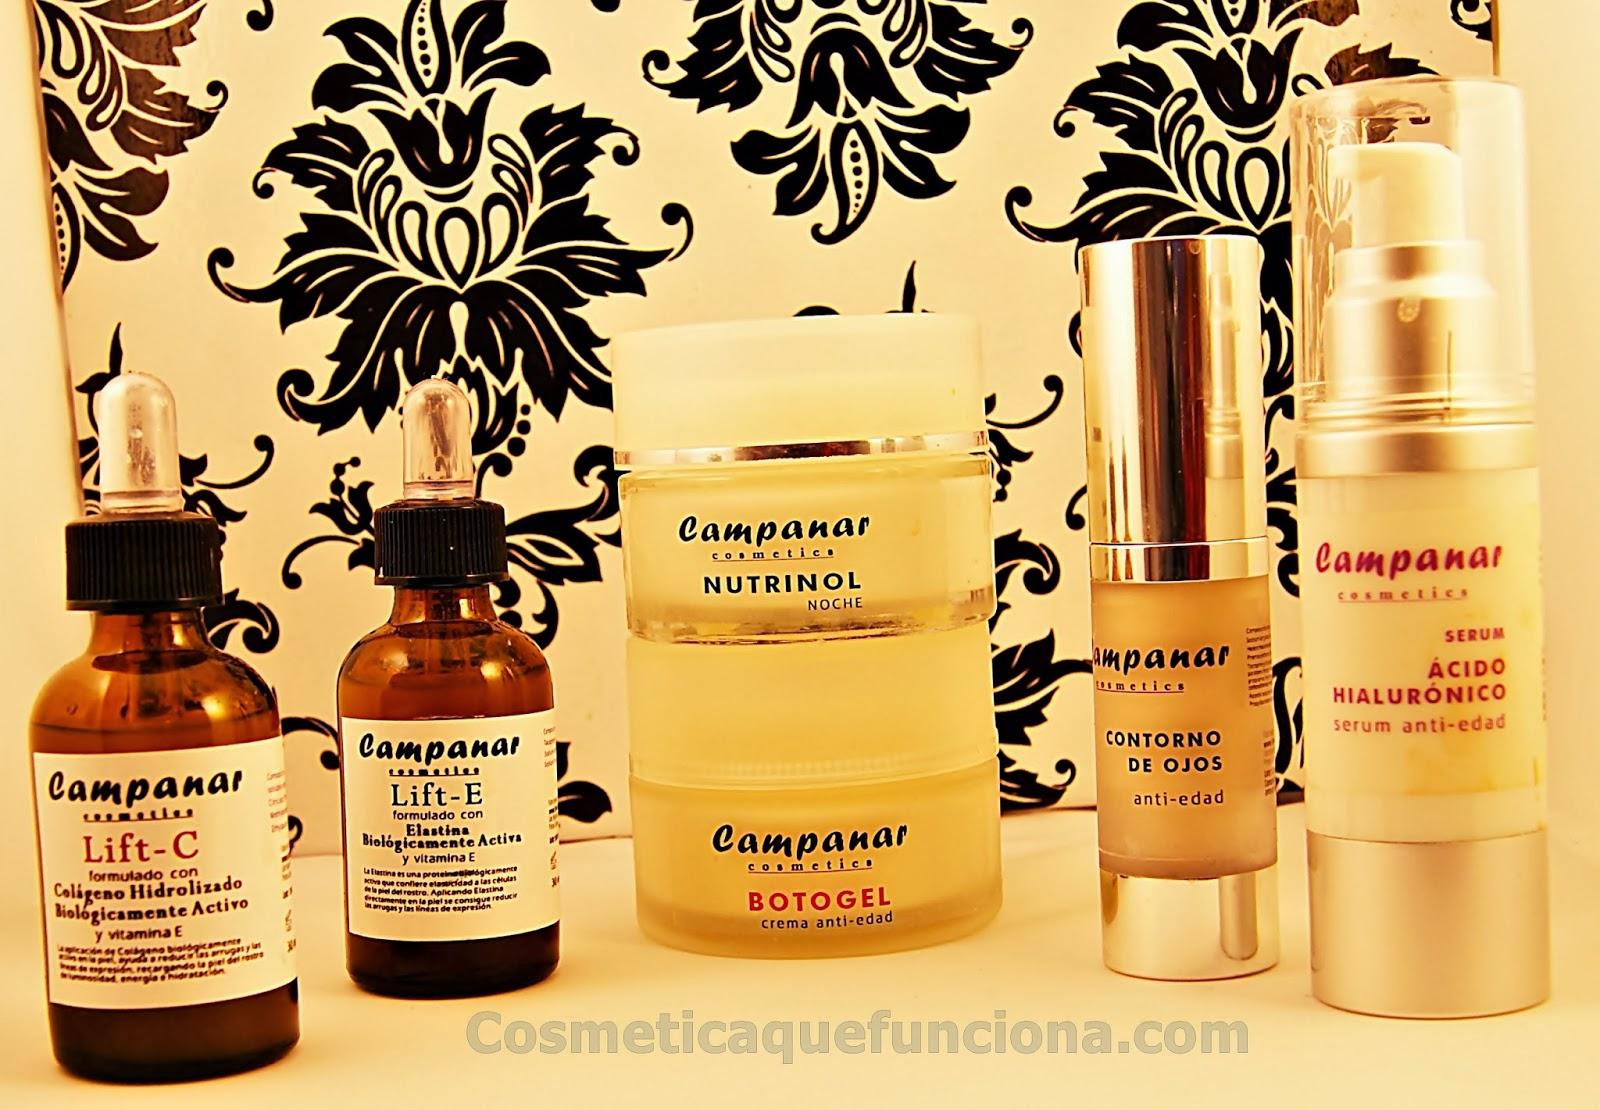 Farmacia del Campanar. Recuperando viejas traduciones. Las fórmulas magistrales en cosmética